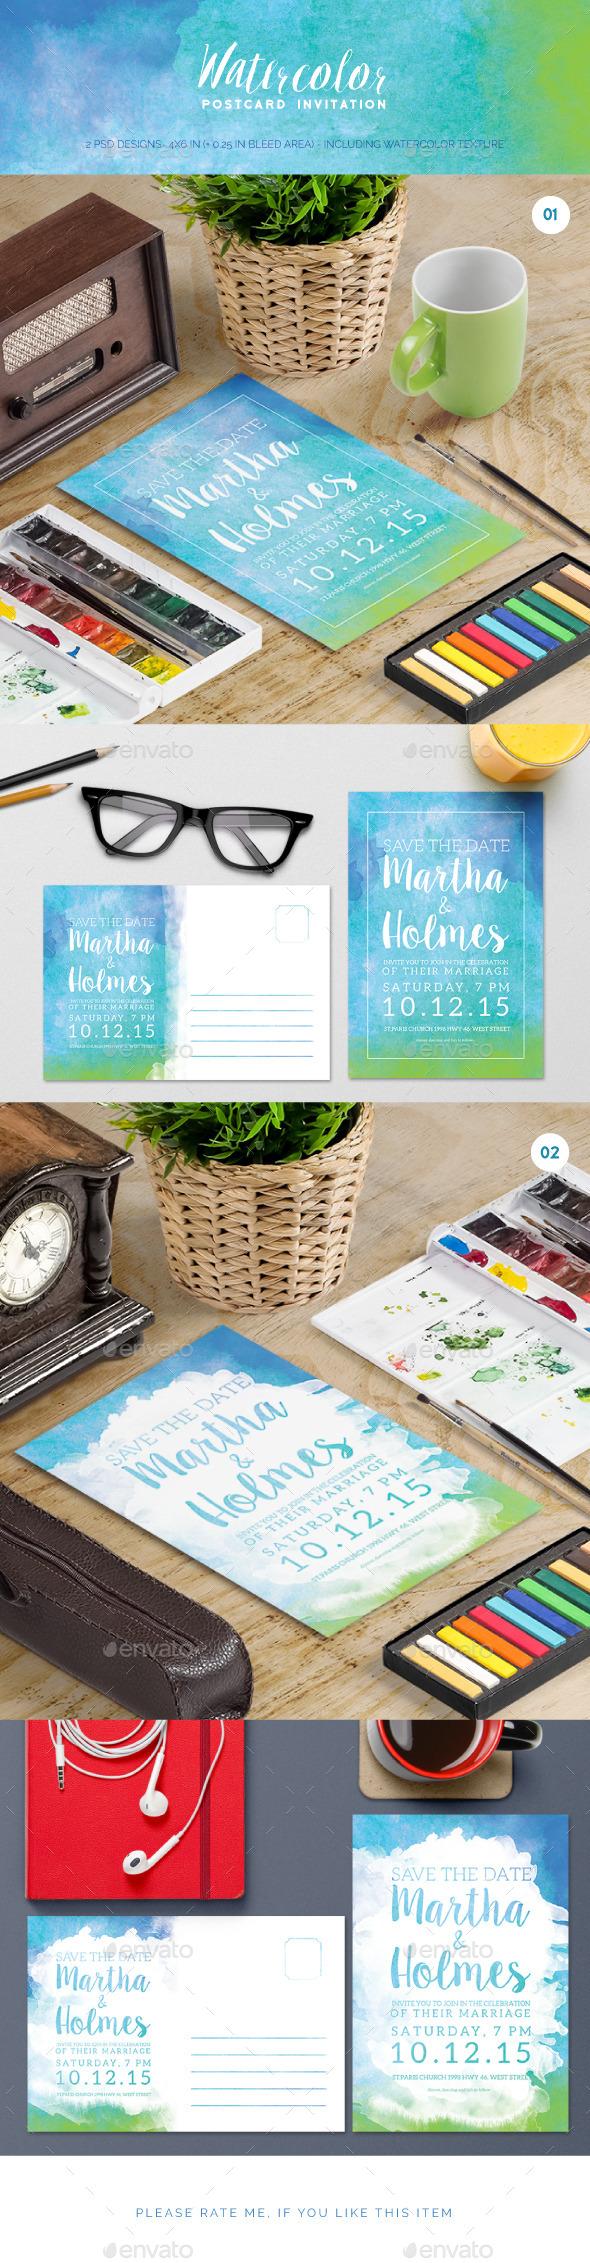 Watercolor Postcard Invitation  - Invitations Cards & Invites